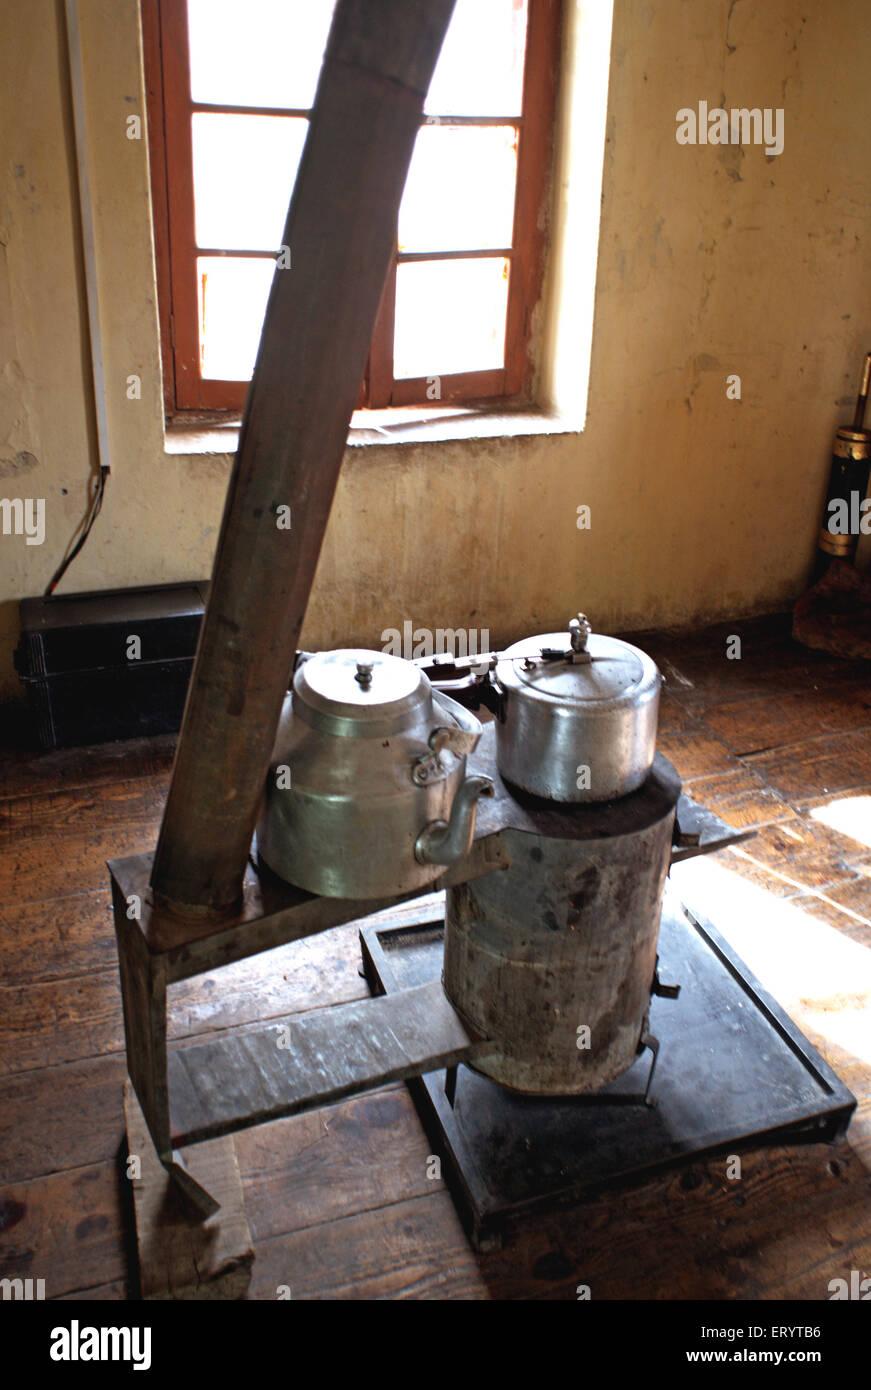 Estufa de carbón innovadores y chimenea en la cocina ; Leh Ladakh ; ; ; Jammu y Cachemira India 11 de abril Imagen De Stock